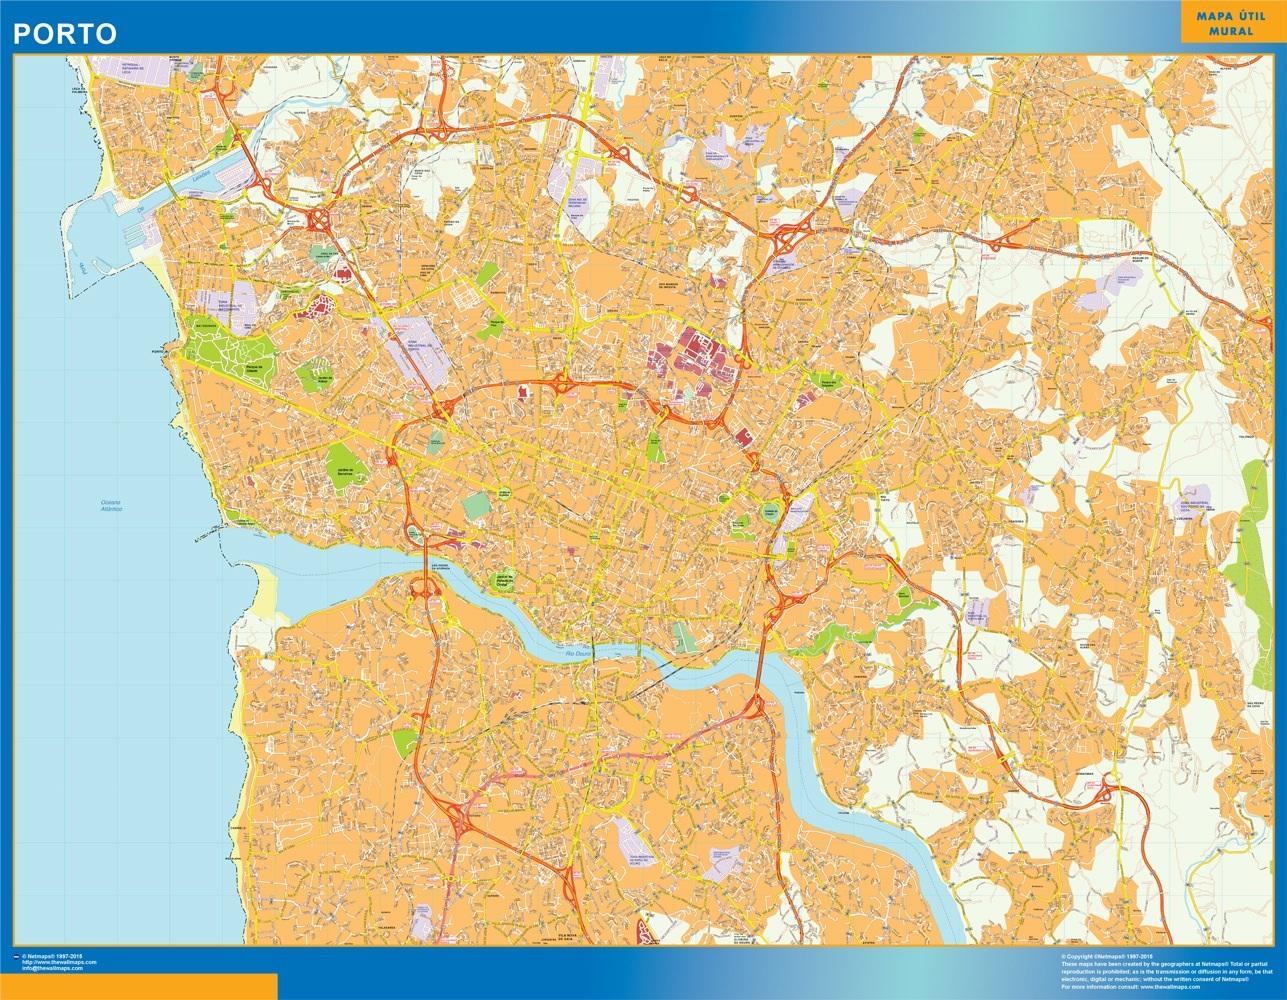 Mapa Porto en Portugal plastificado gigante